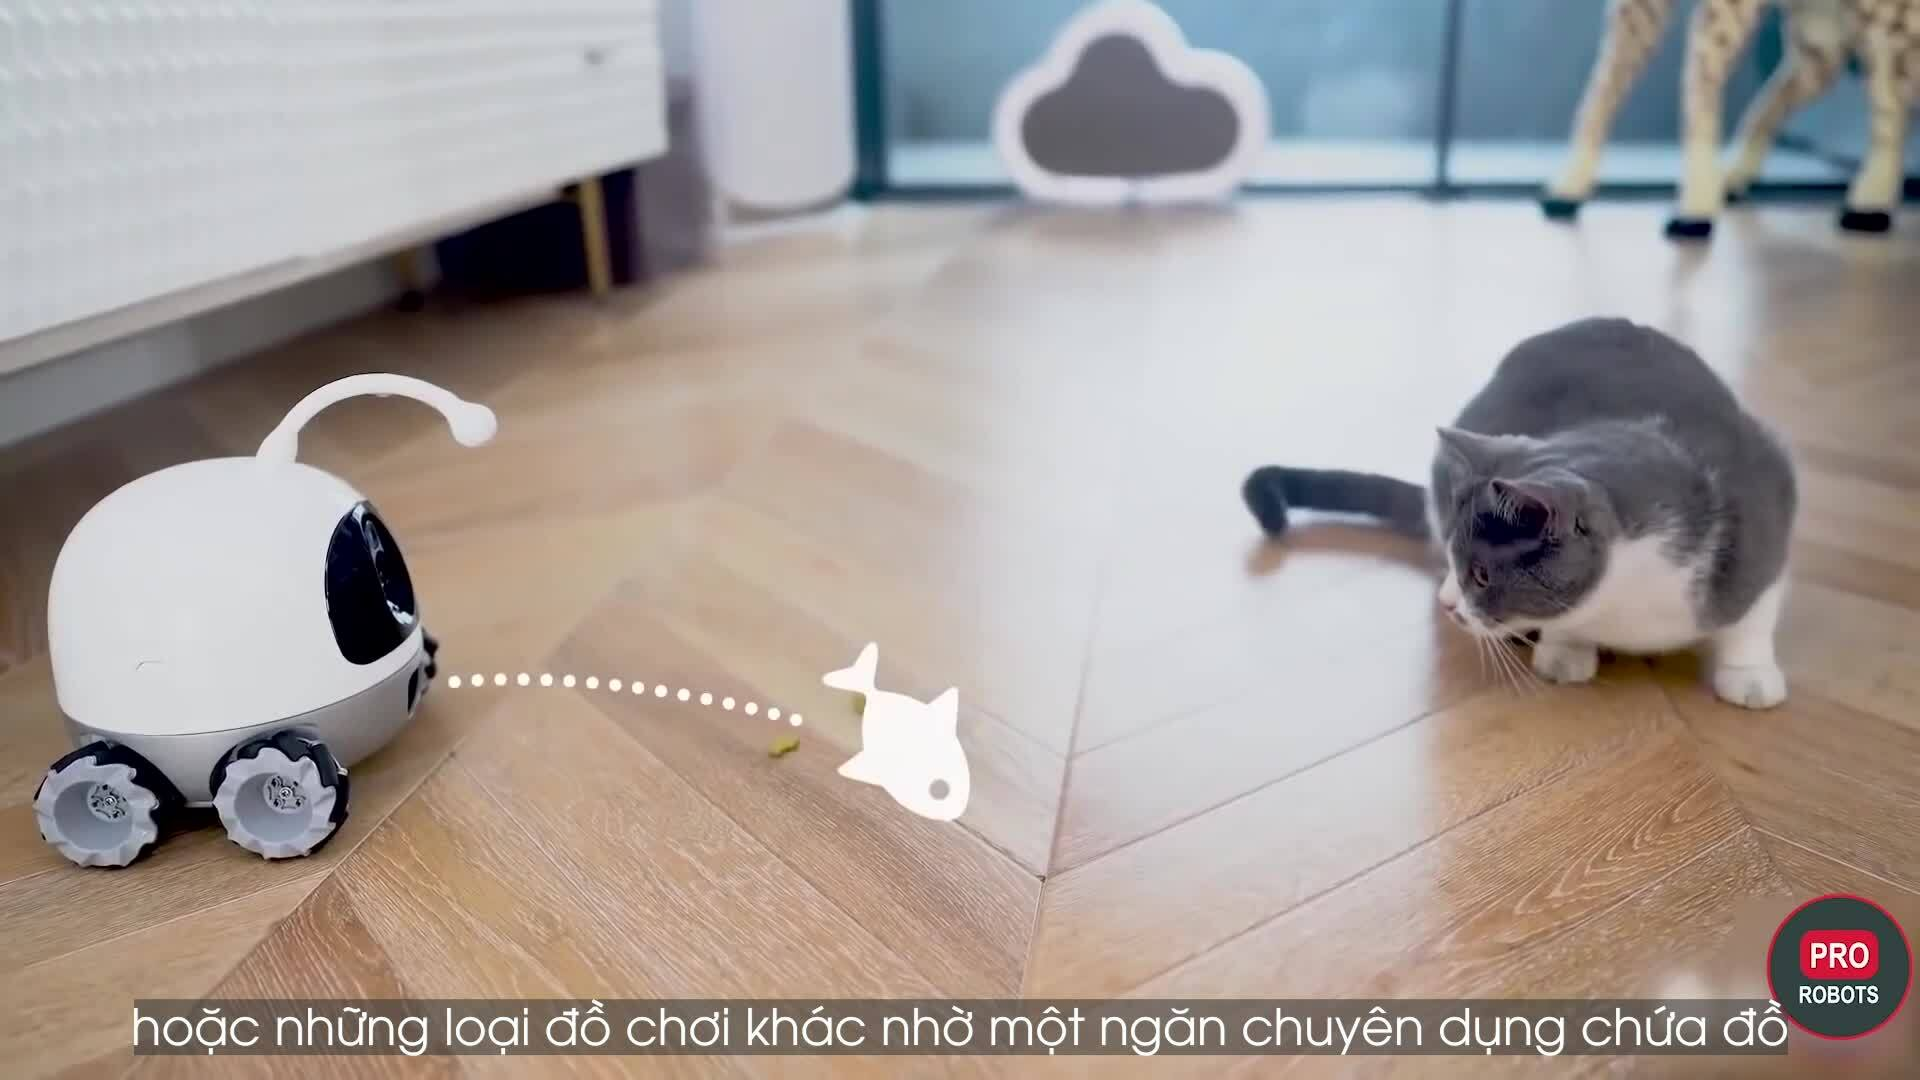 Robot thông minh sử dụng trí tuệ nhân tạo